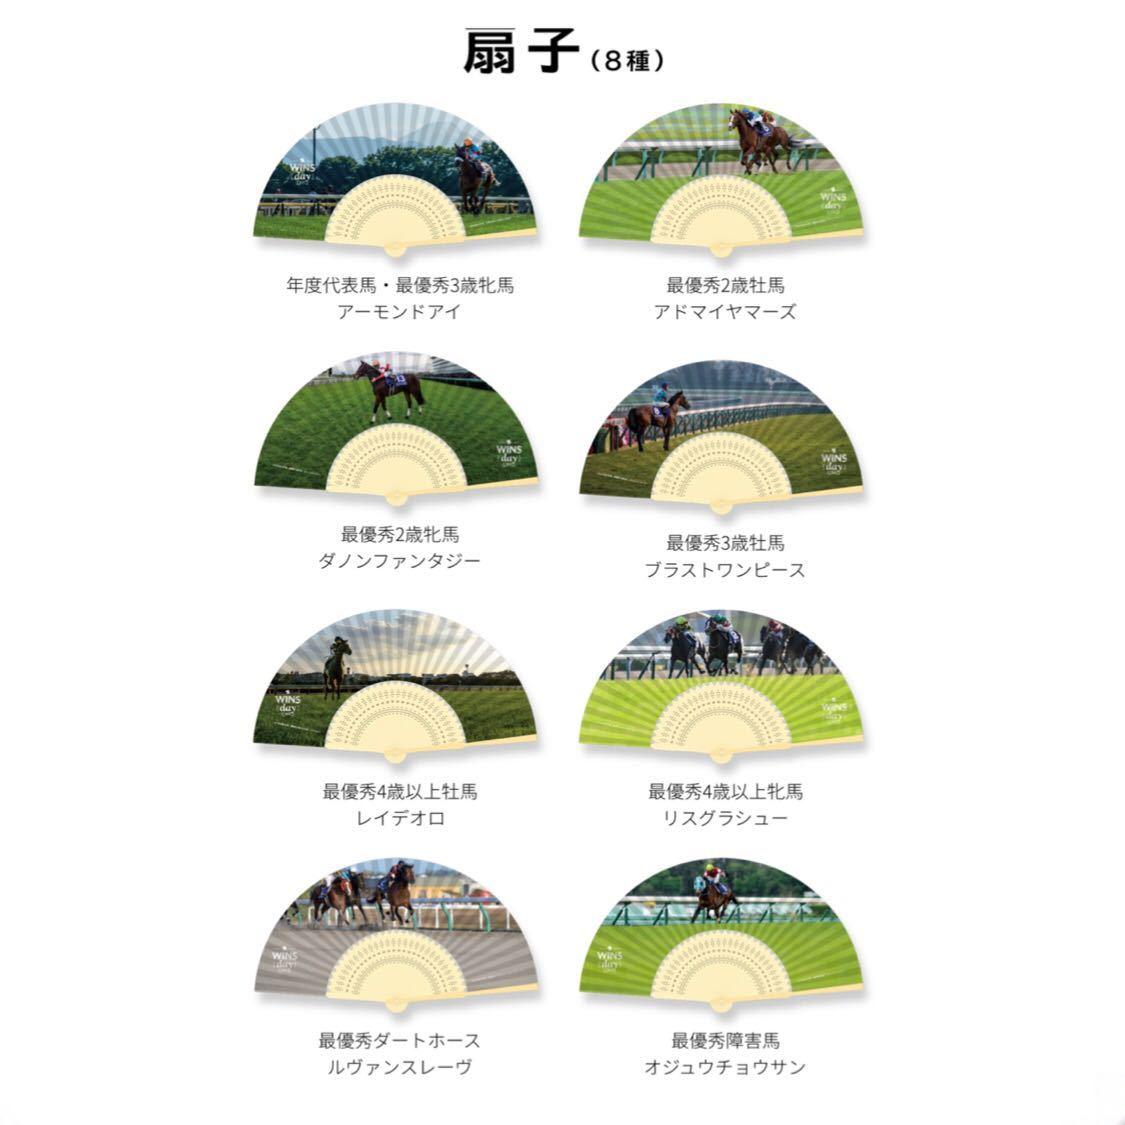 JRAオフィシャル WINS DAY 扇子全種類(8種類)セット アーモンドアイ オジュウチョウサン 競馬